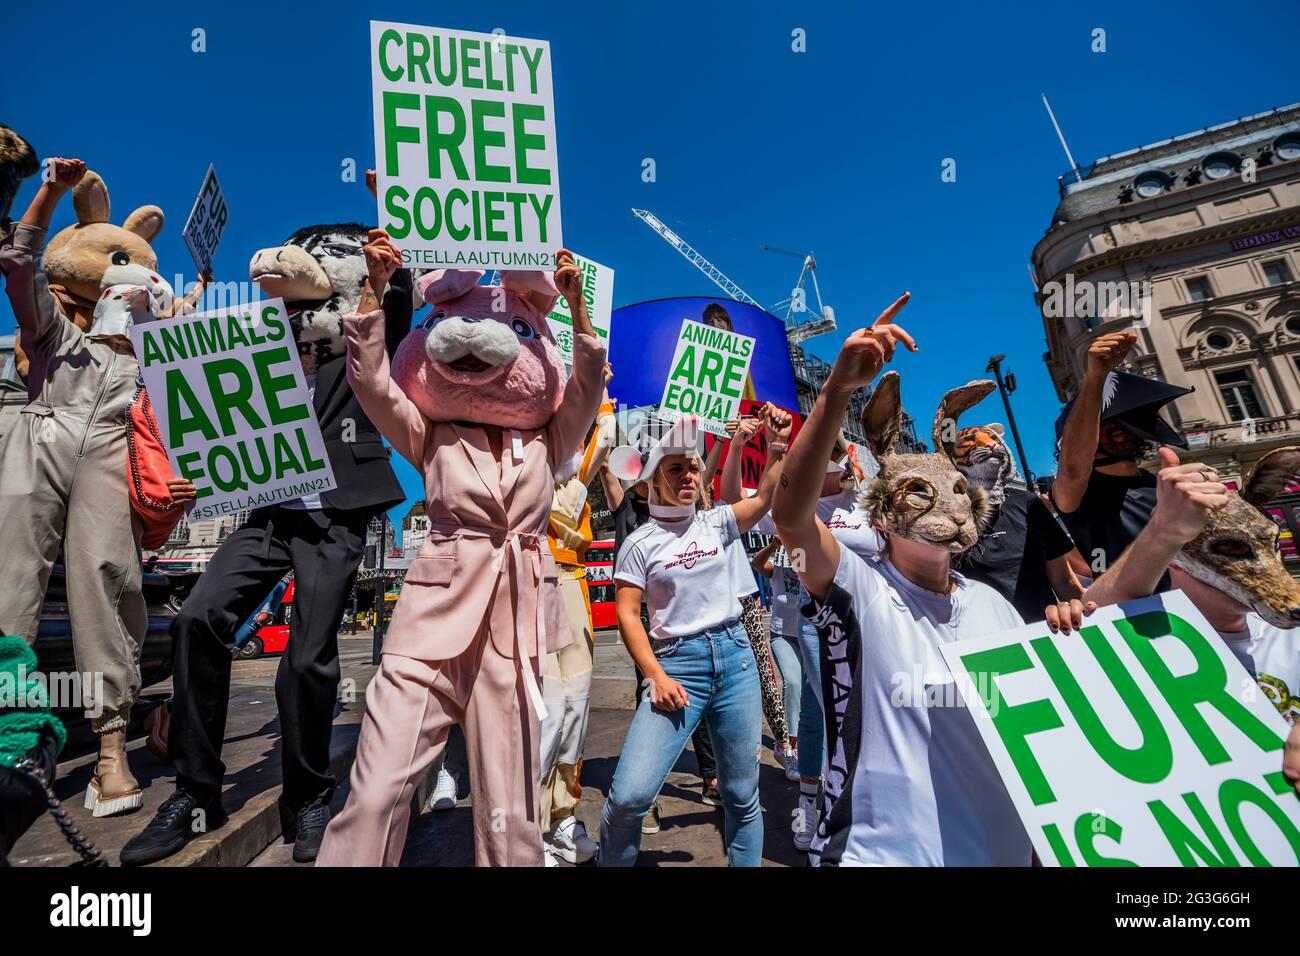 Londres, Reino Unido. 16th de junio de 2021. La campaña de otoño de 2021 de Stella McCartney, 'Nuestro tiempo ha llegado' en Piccadilly Lights, Piccadilly Circus. Para animar a la gente a firmar la petición de HSI Fur Free Britain, Stella McCartney organizó una reunión de guerrillas con embajadores de marca (aproximadamente 20 - 30) que llevaban cabezas de animales similares a las utilizadas en la campaña de otoño de 2021, pidiendo a los transeúntes que firmaran la petición de Humane Society Fur Free Britain. Crédito: Guy Bell/Alamy Live News Foto de stock